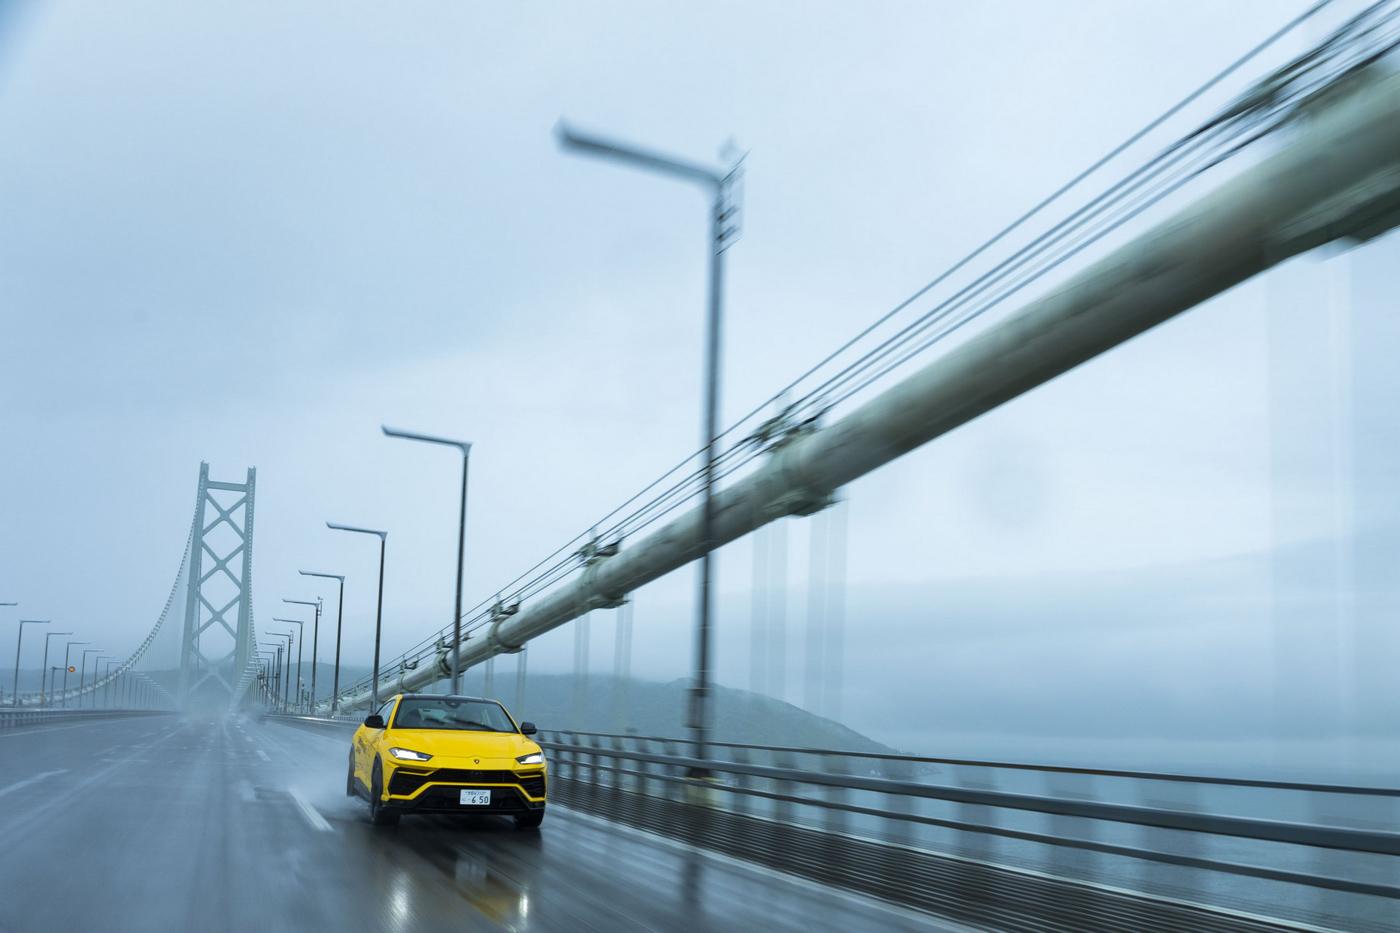 Bộ-đôi-Lamborghini-Urus-vượt-hơn-6.500-km-trong-hành-trình-xuyên-Nhật-Bản (12).jpg